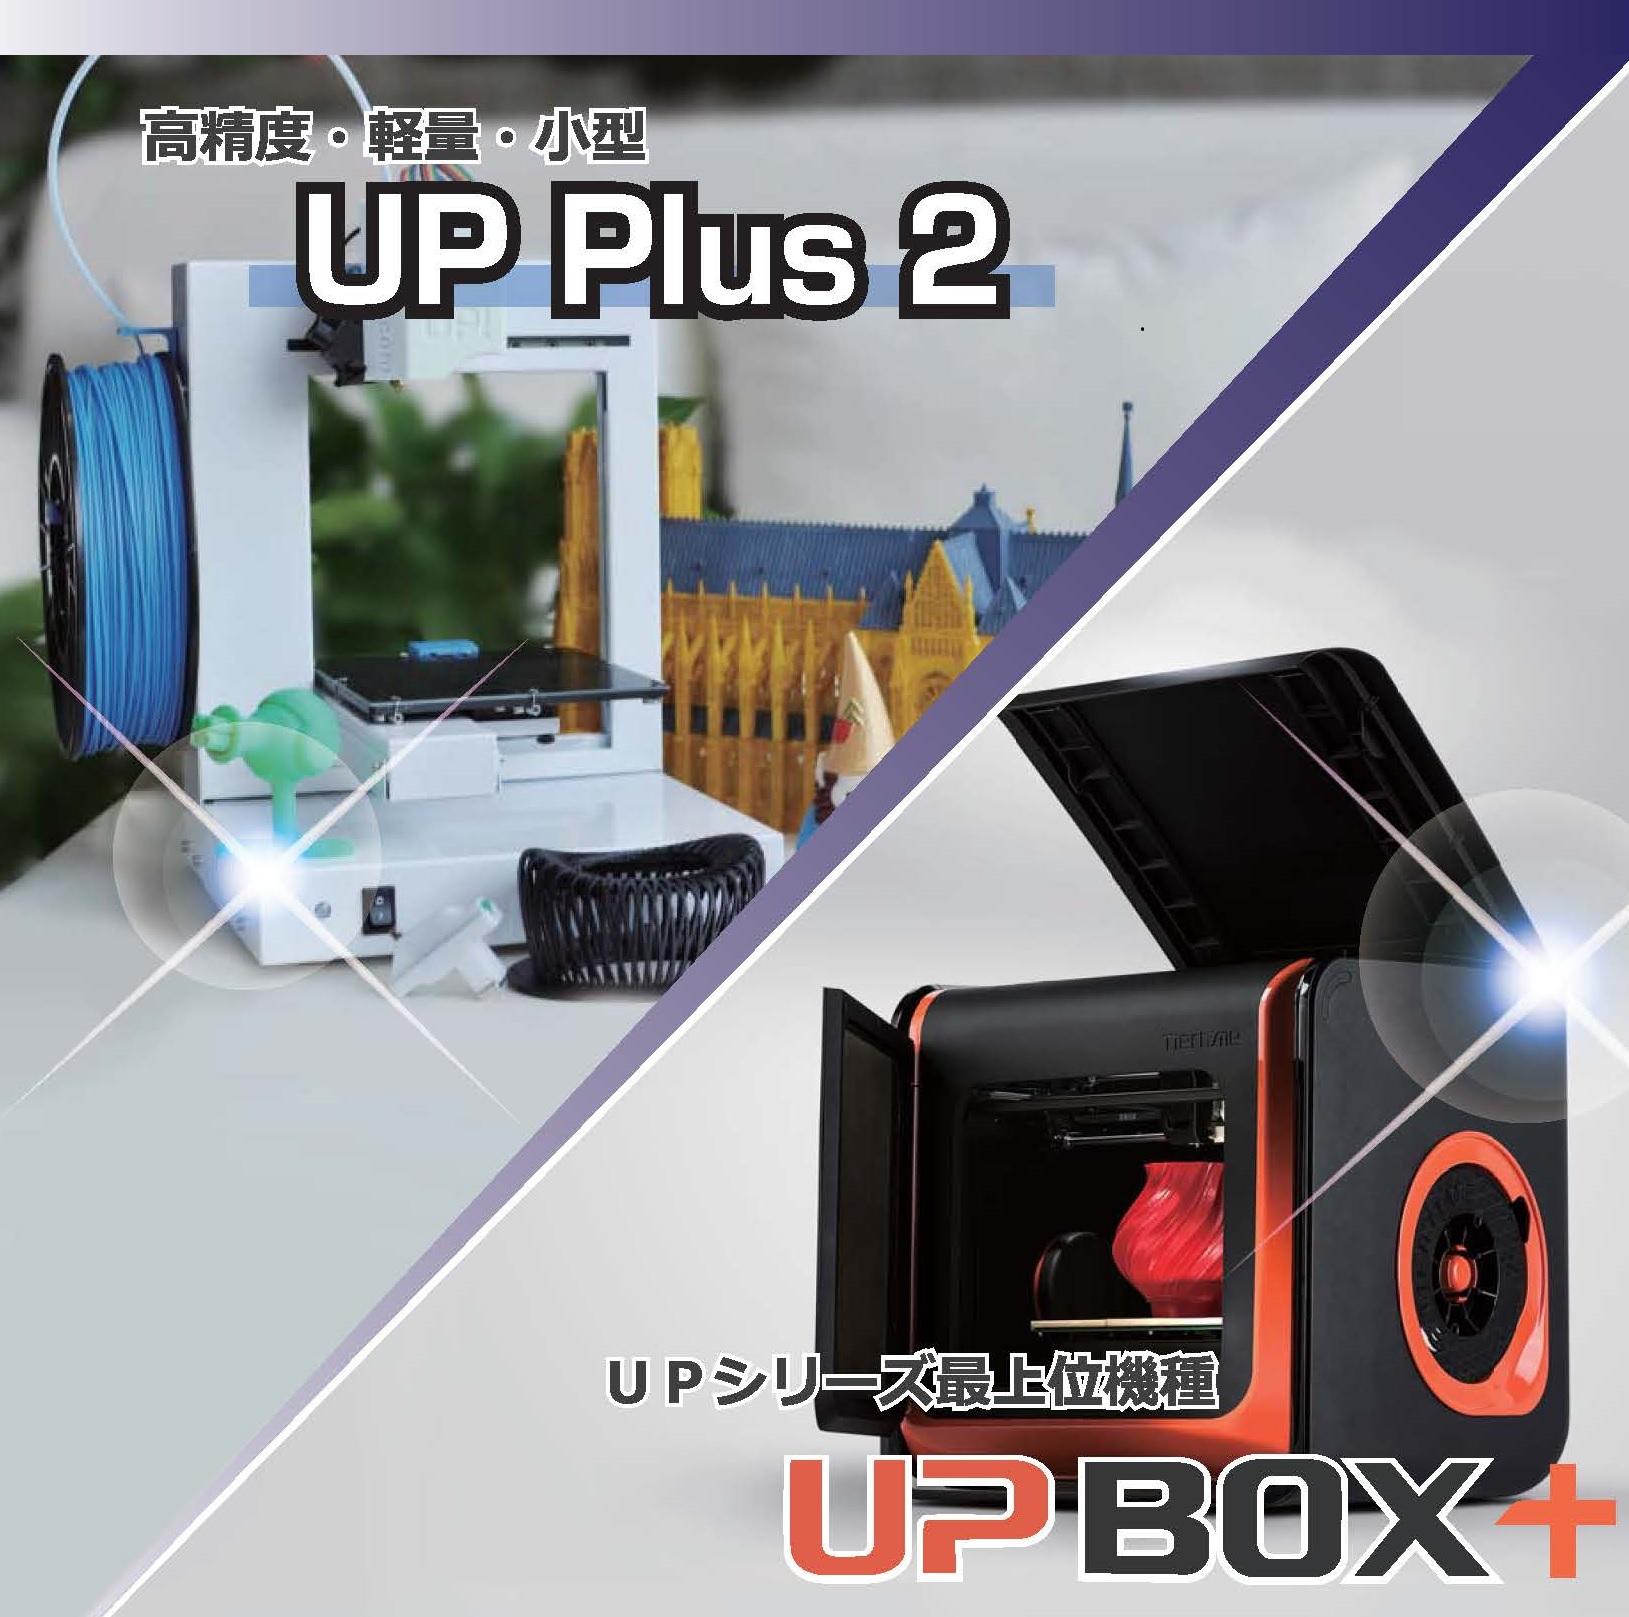 UP Plus 2